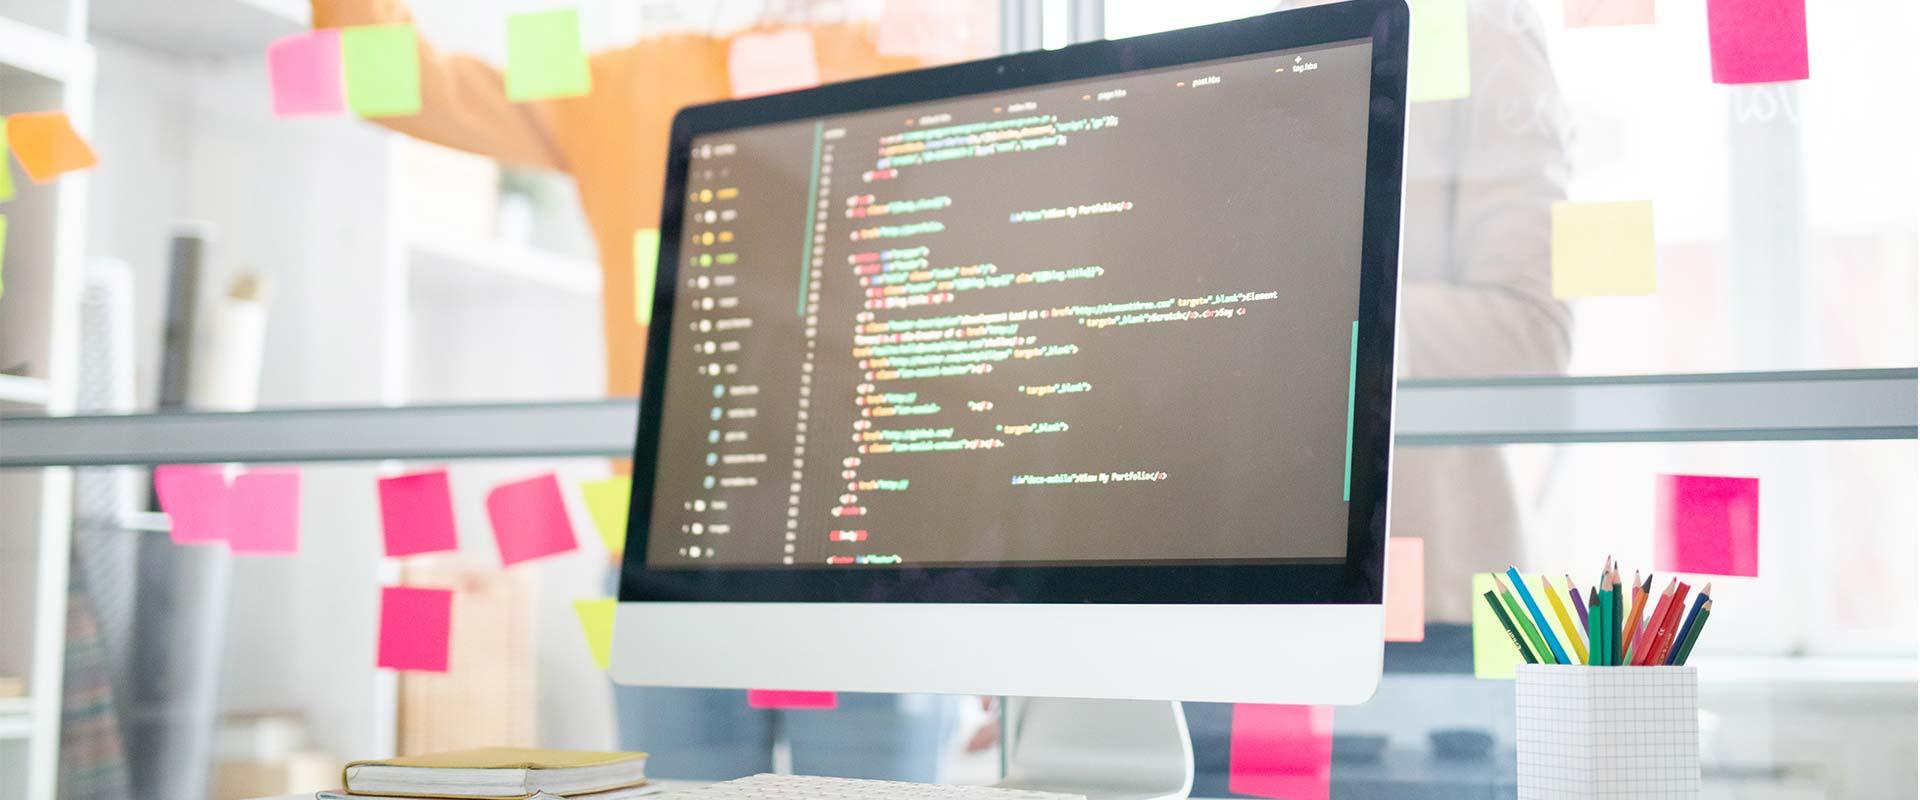 Helden houden hun website veilig. - Blog - Fietskoeriers Apeldoorn